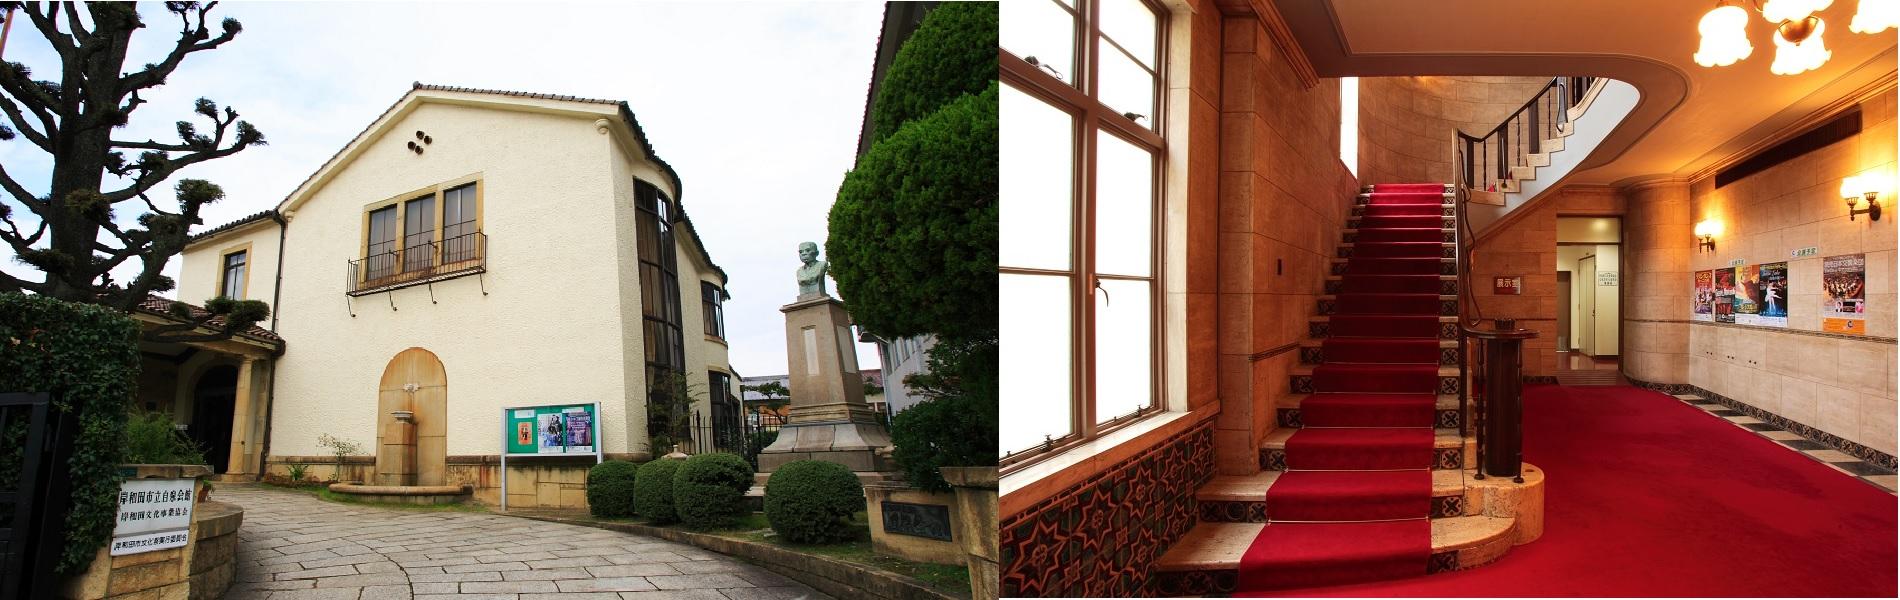 自泉会館の外観と玄関ホール